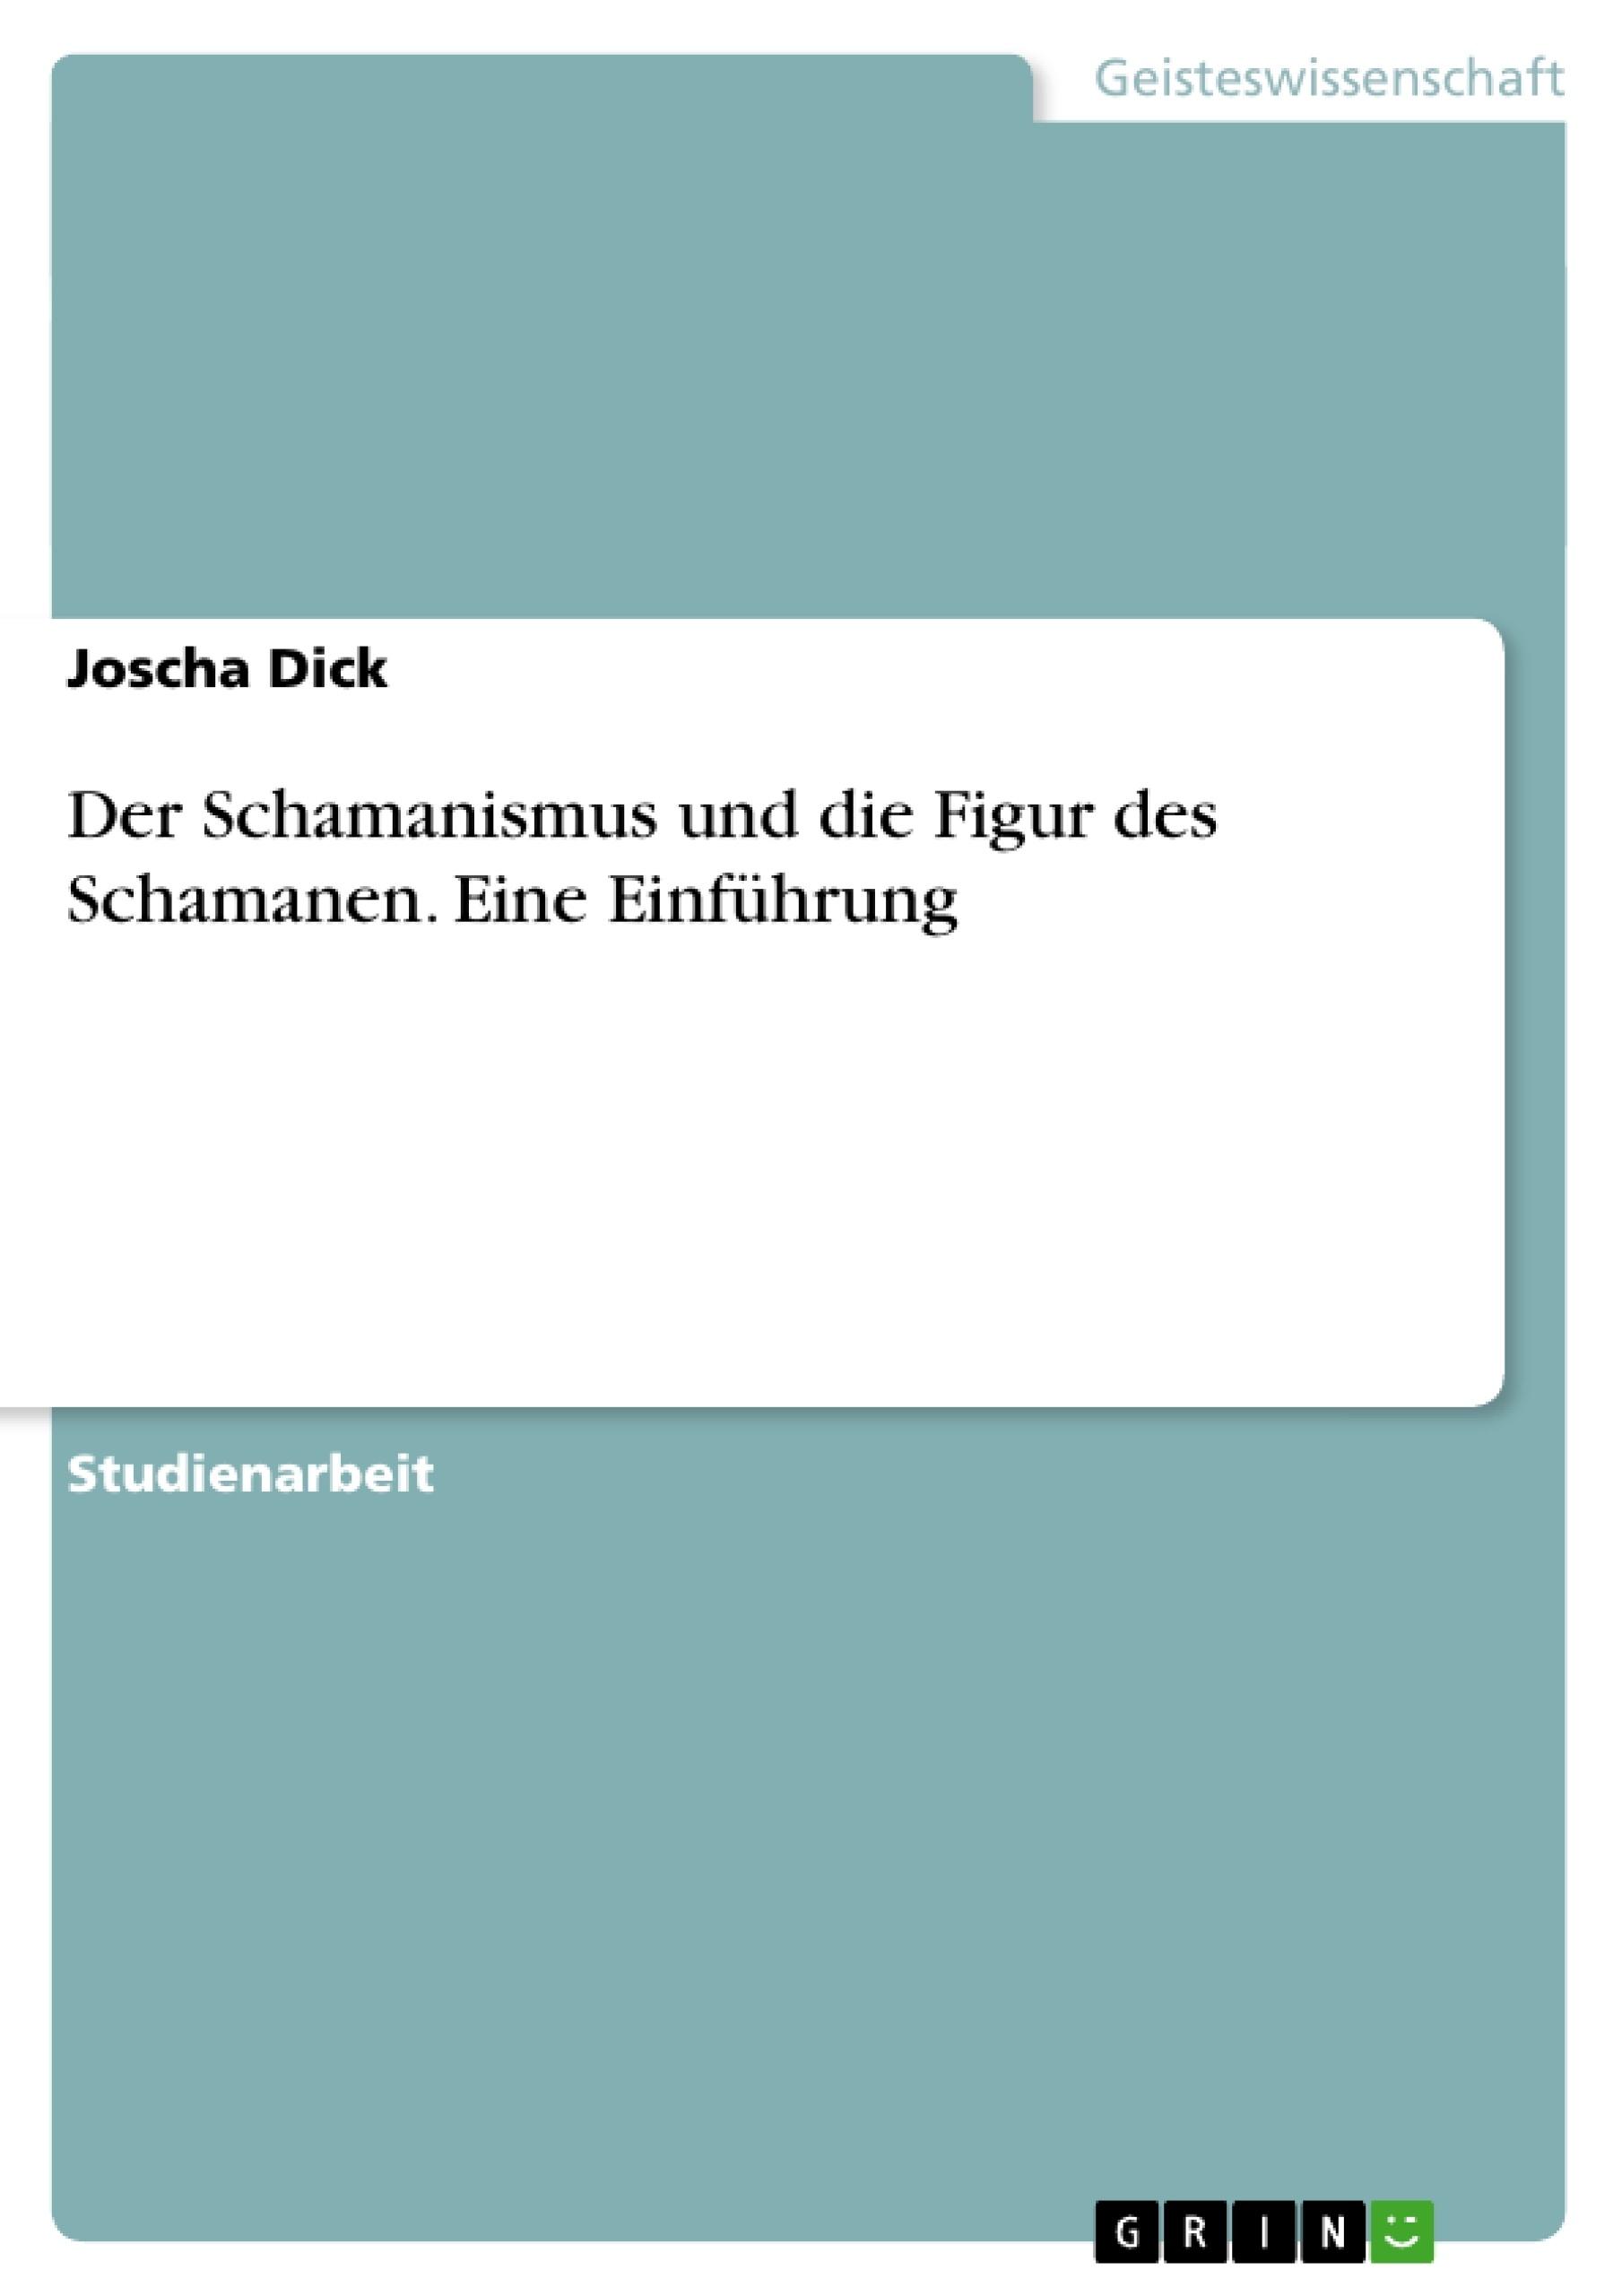 Titel: Der Schamanismus und die Figur des Schamanen. Eine Einführung